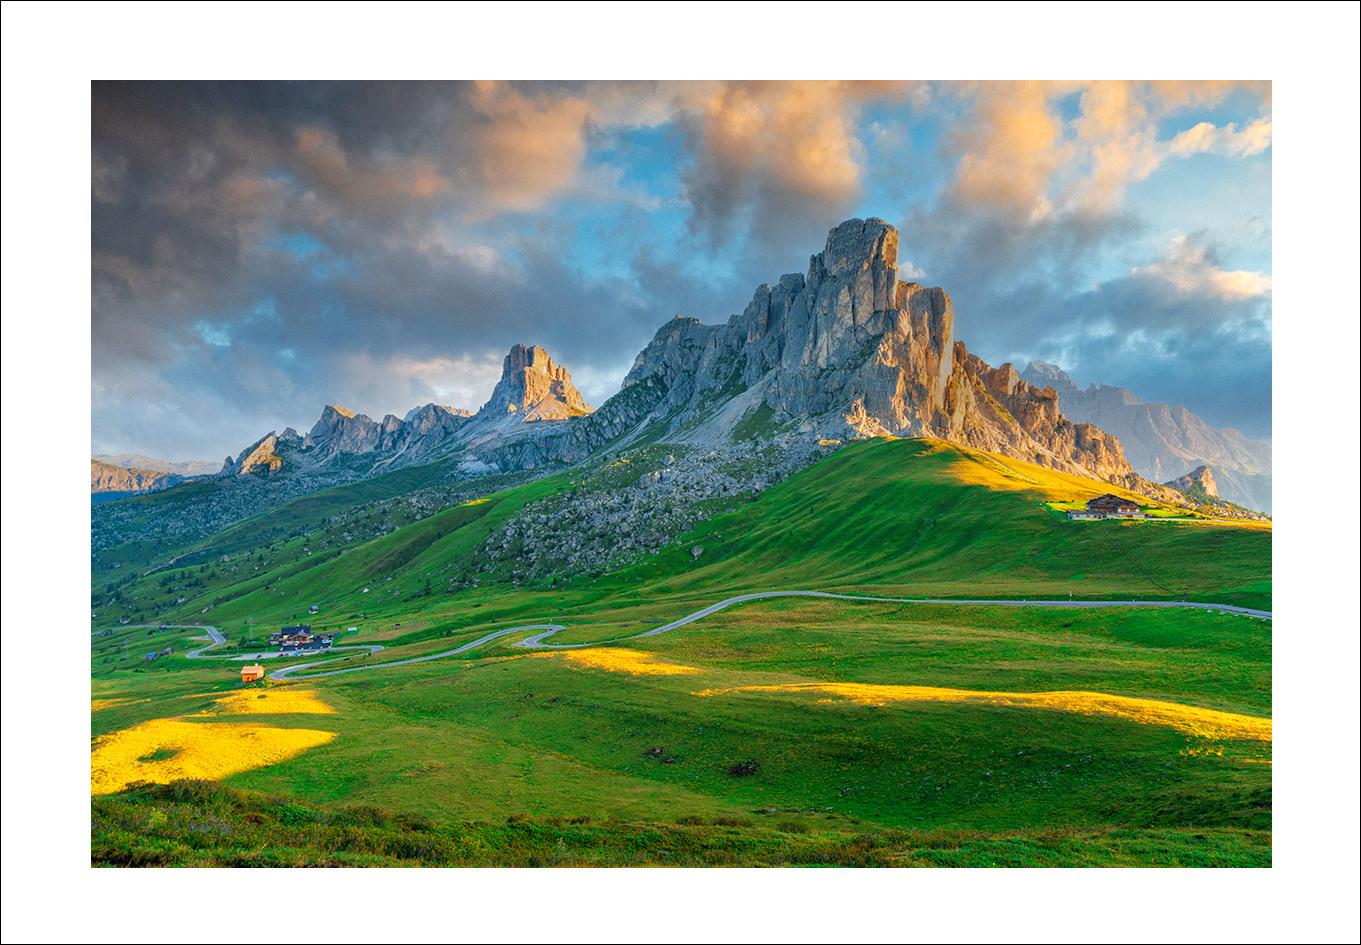 Landscape photo print for sale